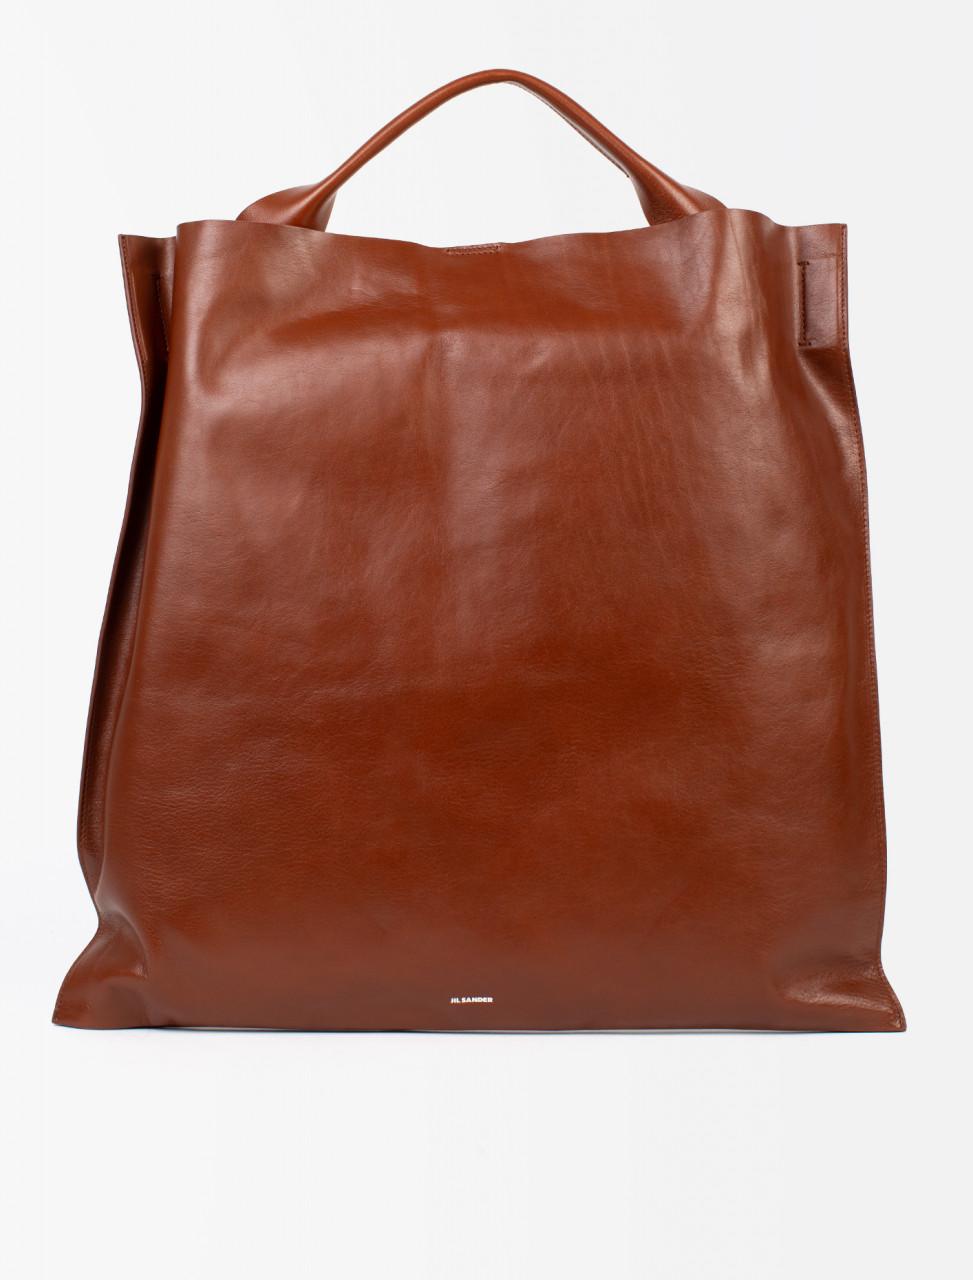 X Bag in Medium Brown